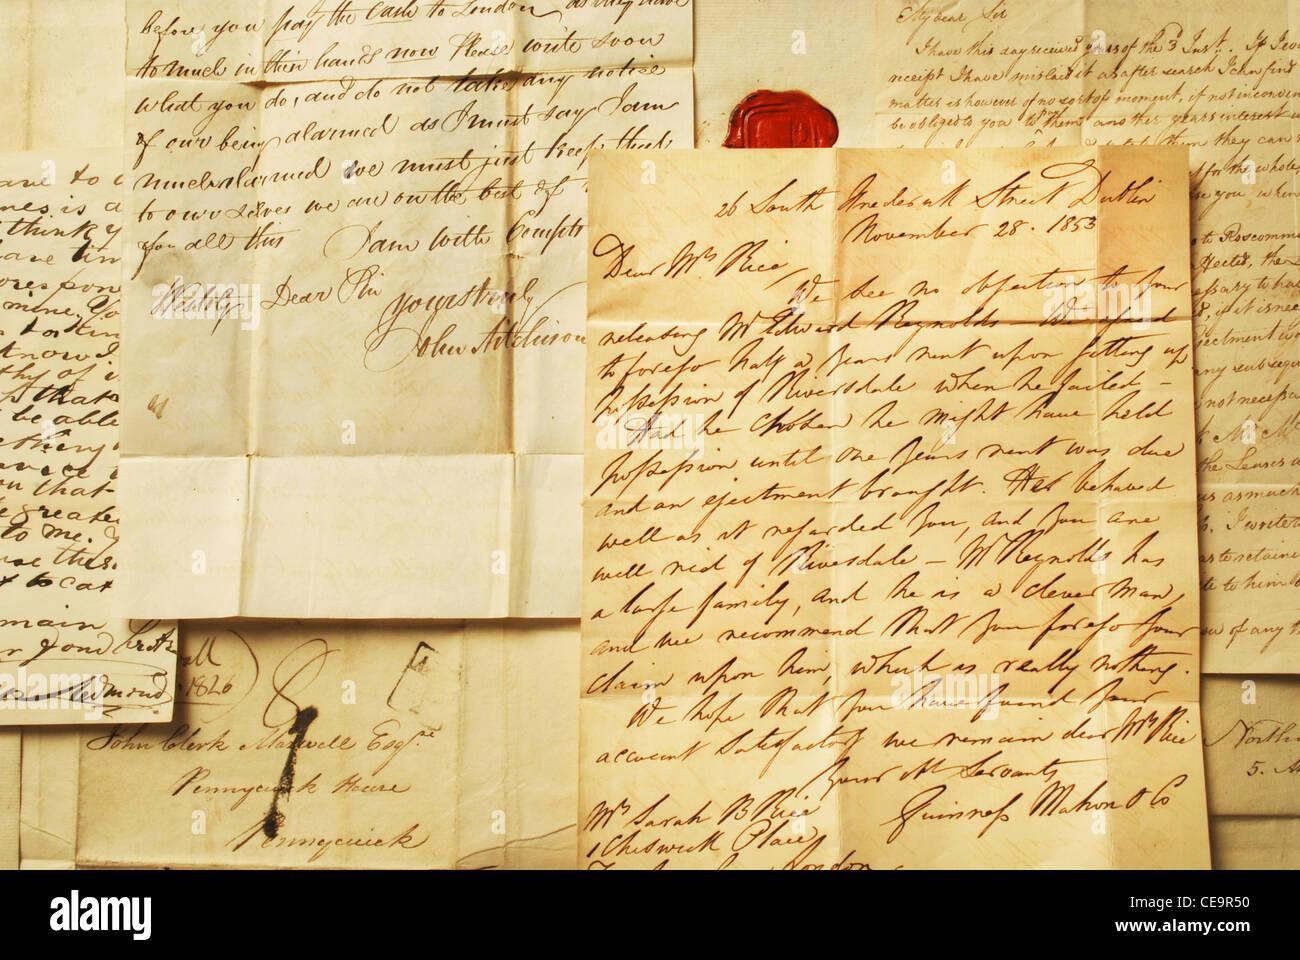 Vecchio lettere elegante calligrafia Immagini Stock